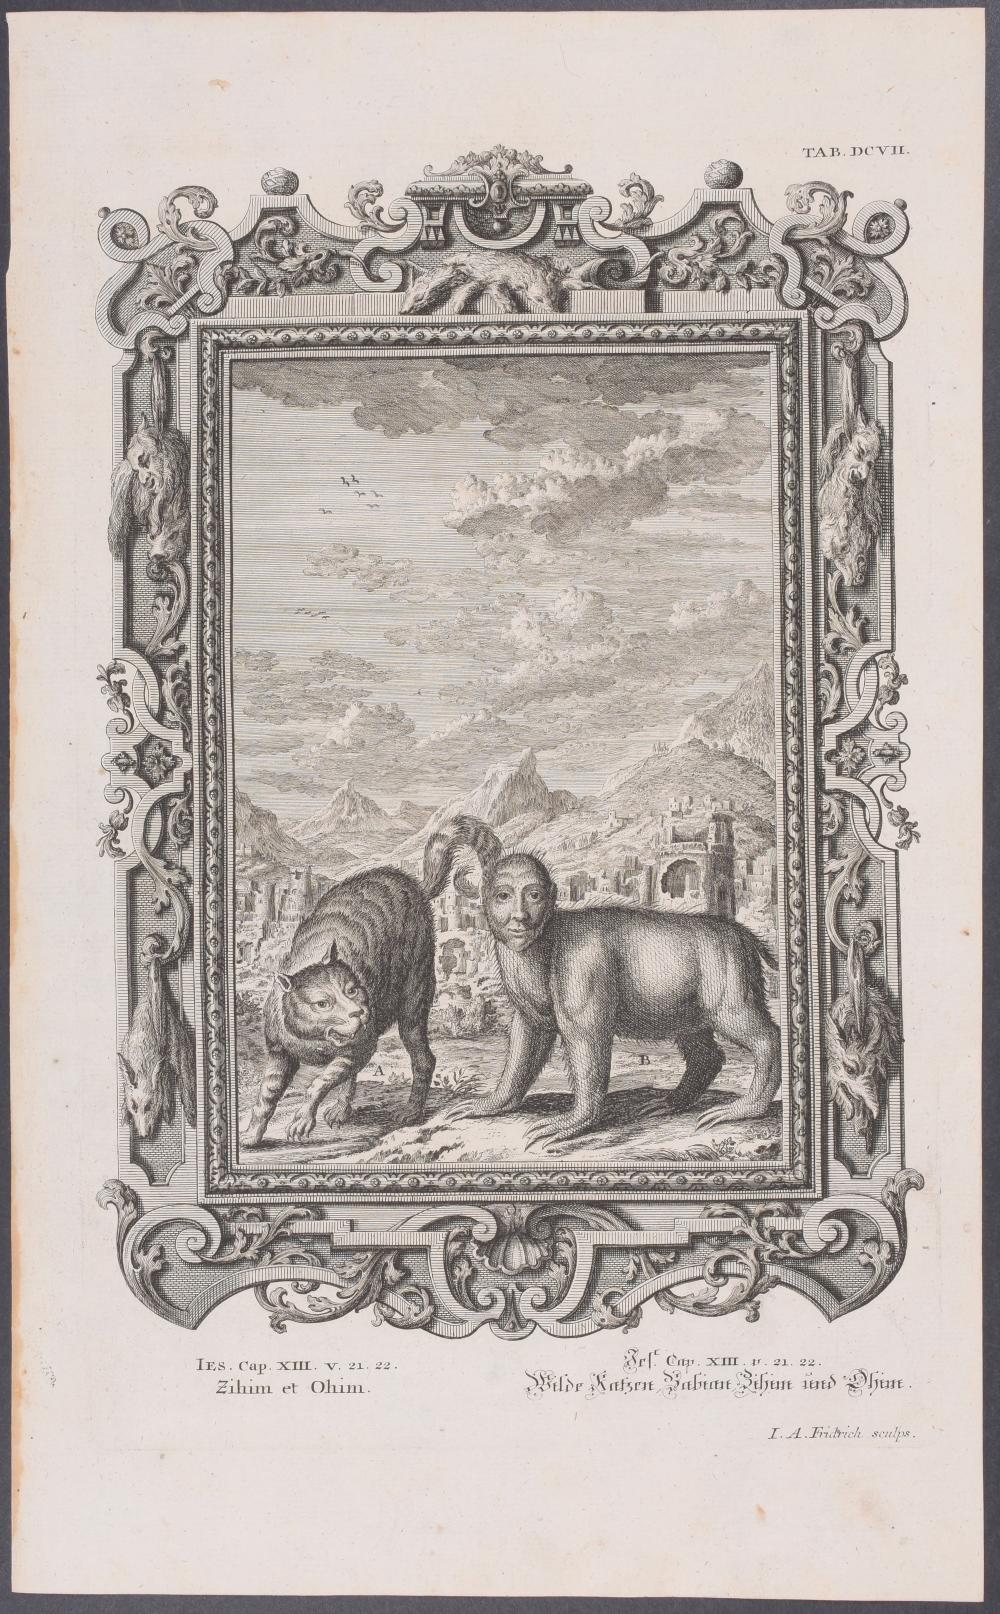 Lot 11032: Scheuchzer - 4 Quadruped Engravings